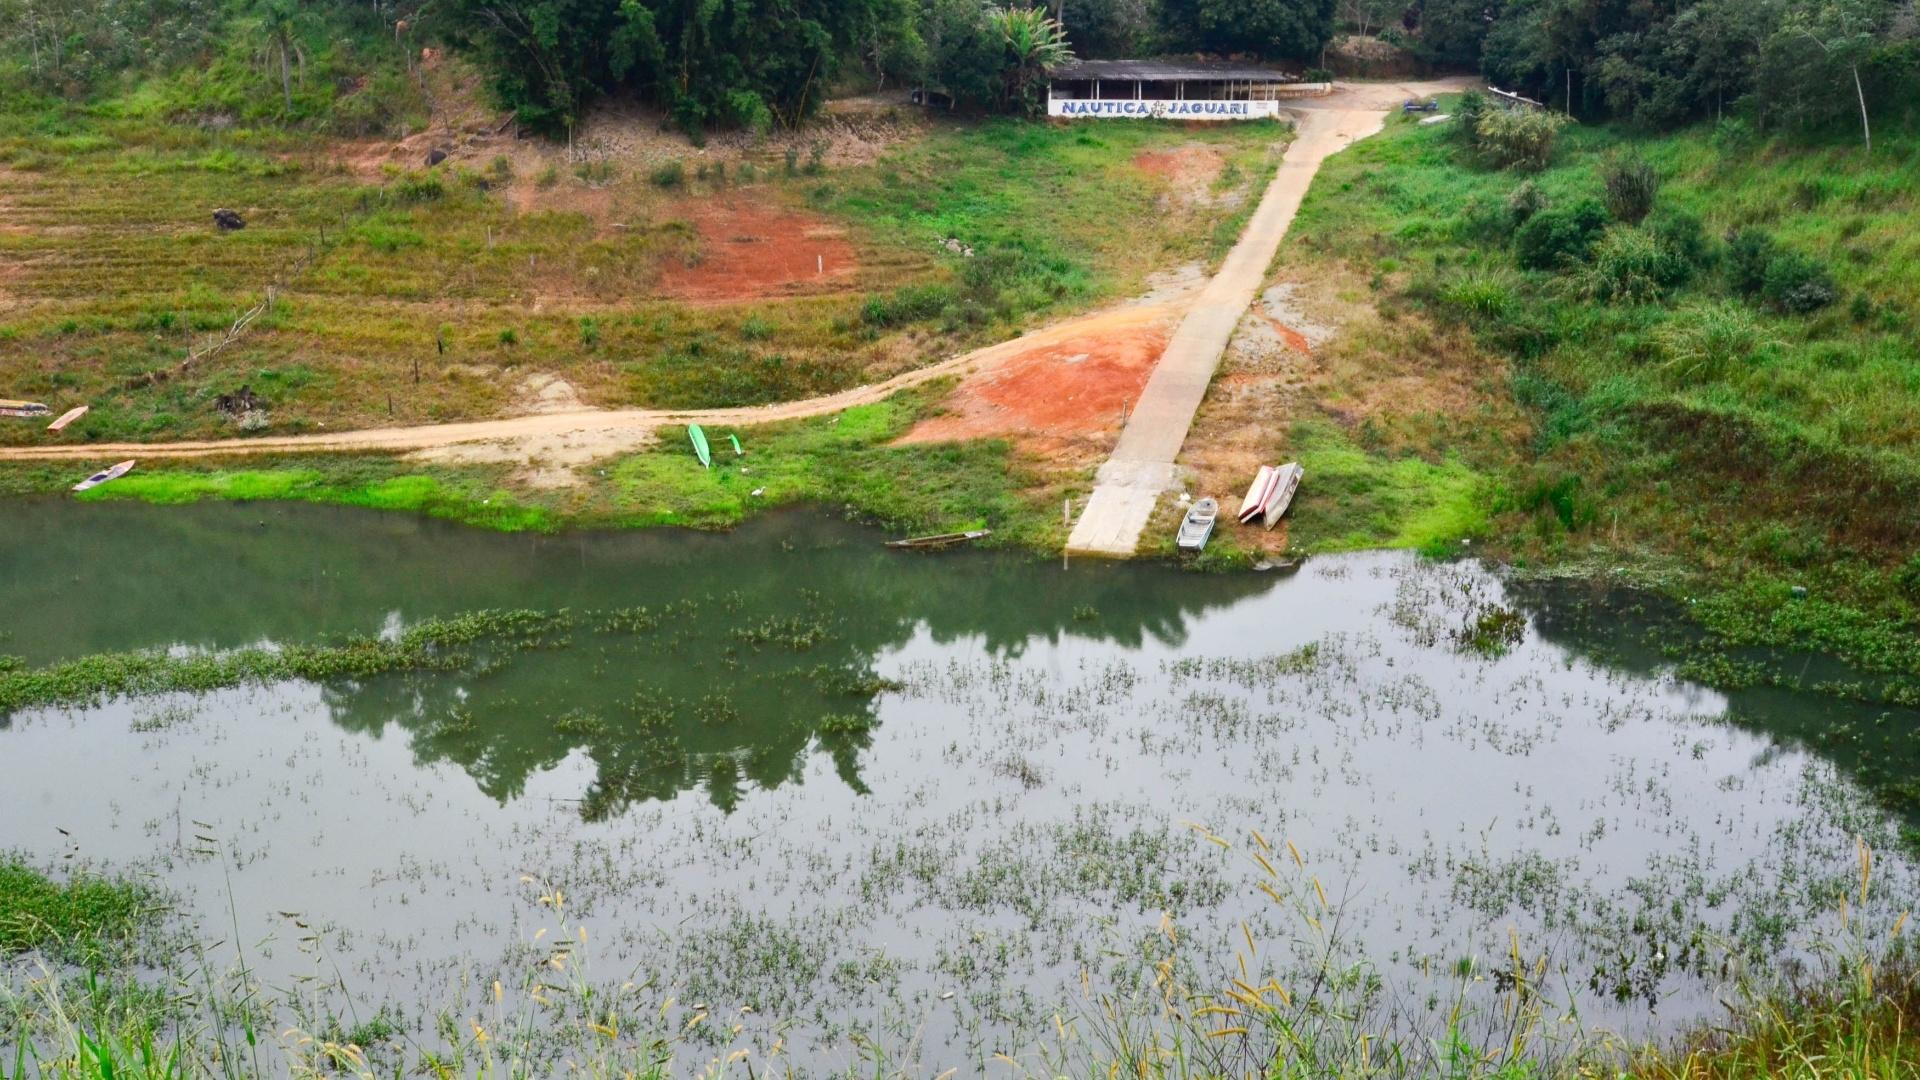 18.mai.2015 - Imagem mostra a seca na represa Jaguari-Jacareí, na região de Bragança Paulista, nesta segunda-feira (18). O nível de água dos reservatórios do Sistema Cantareira permanece estável em 19,7%, segundo dados da Sabesp (Companhia de Saneamento Básico do Estado de São Paulo)